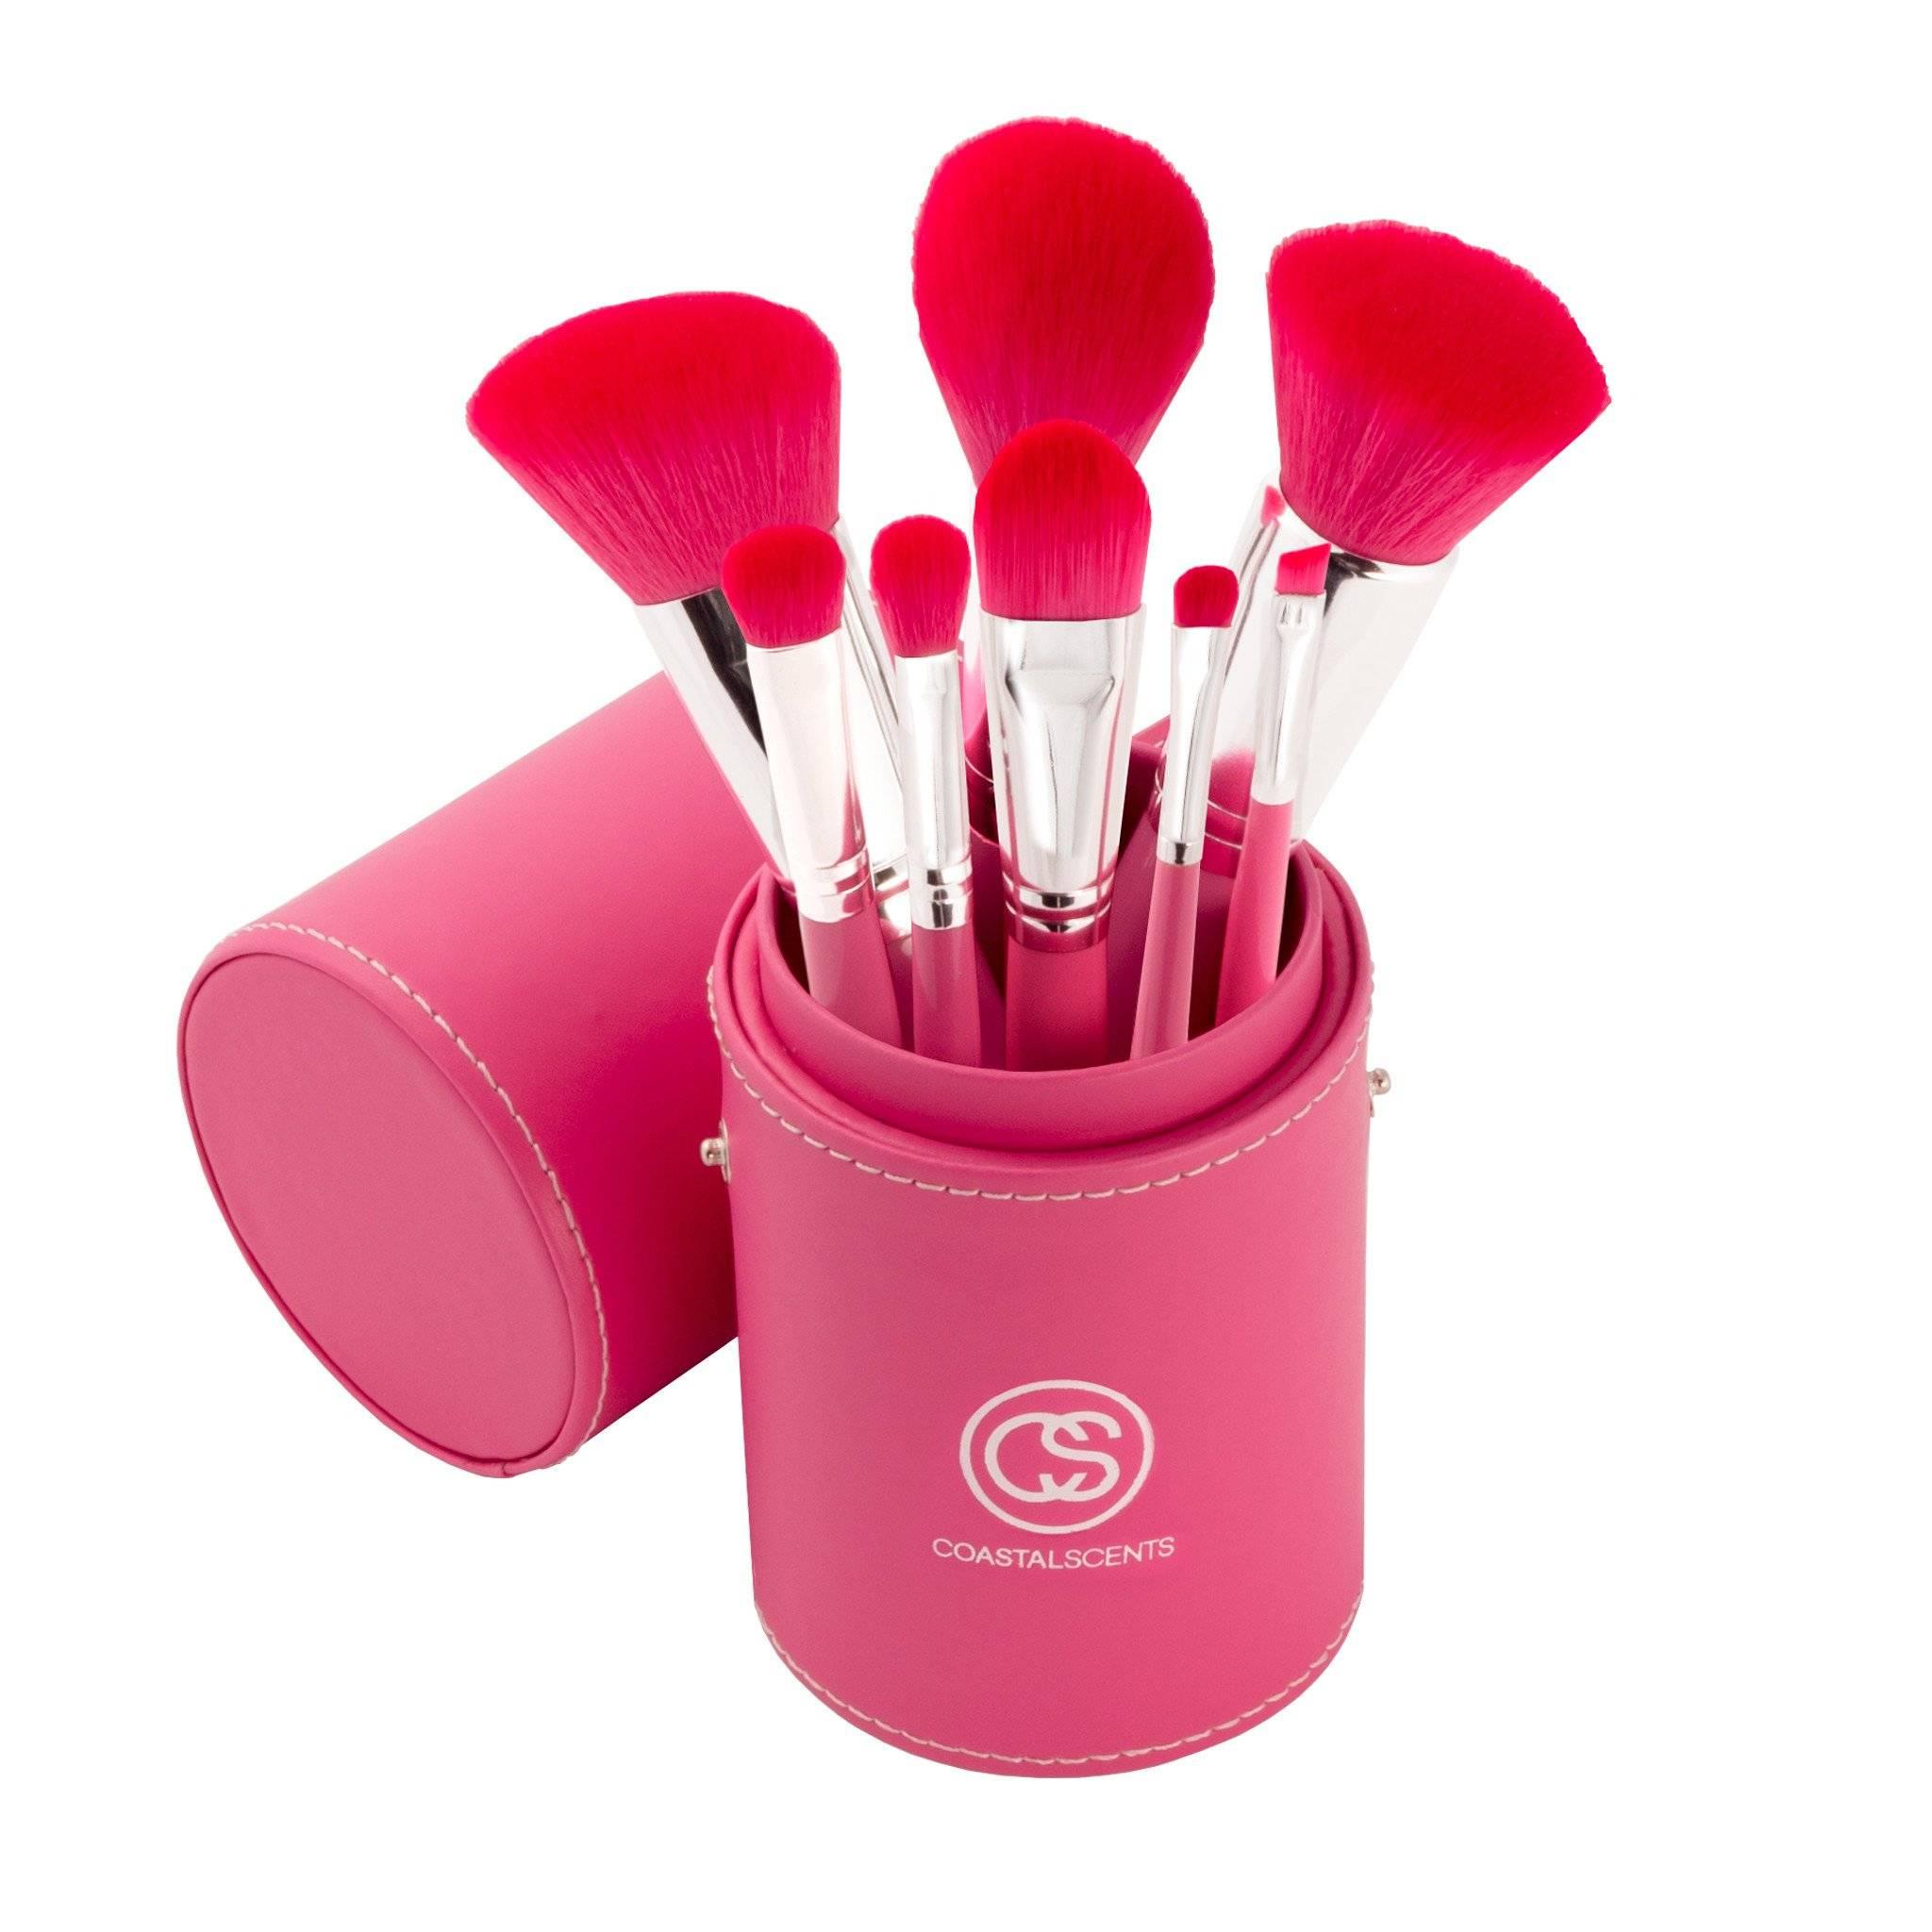 coastal scents brushes uses. primrose brush collection coastal scents brushes uses